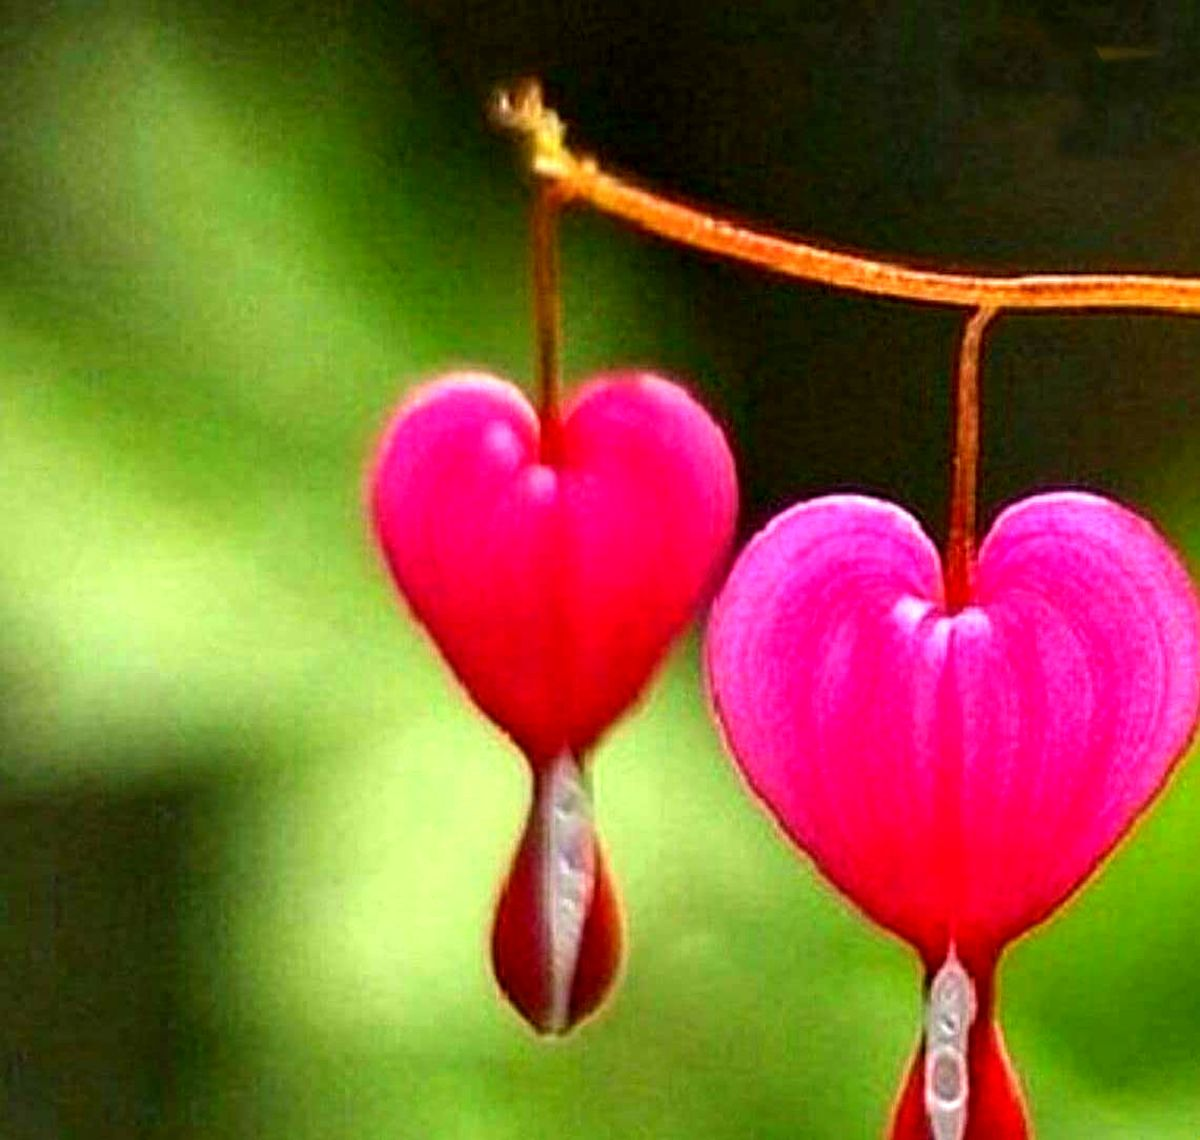 گل هایی عجیب به شکل قلبی که از آن خون می چکد